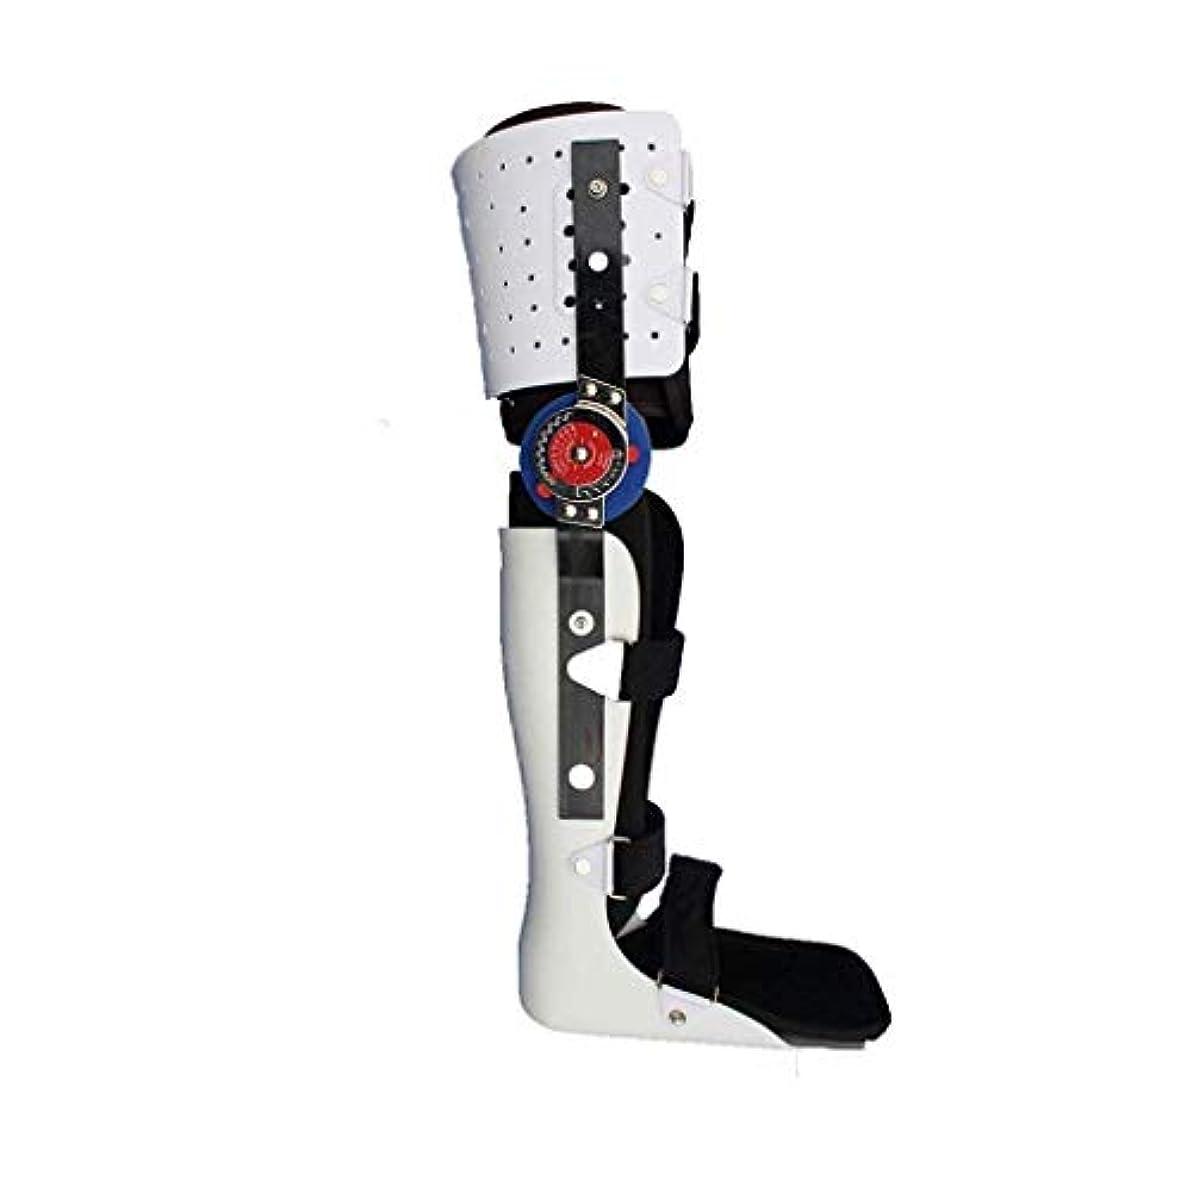 煙祭司導入する下肢装具、ブレースウォーキング膝や足固定ブレース膝関節足首足Spportと下肢装具のサイズ(S/M/L) (Size : L)